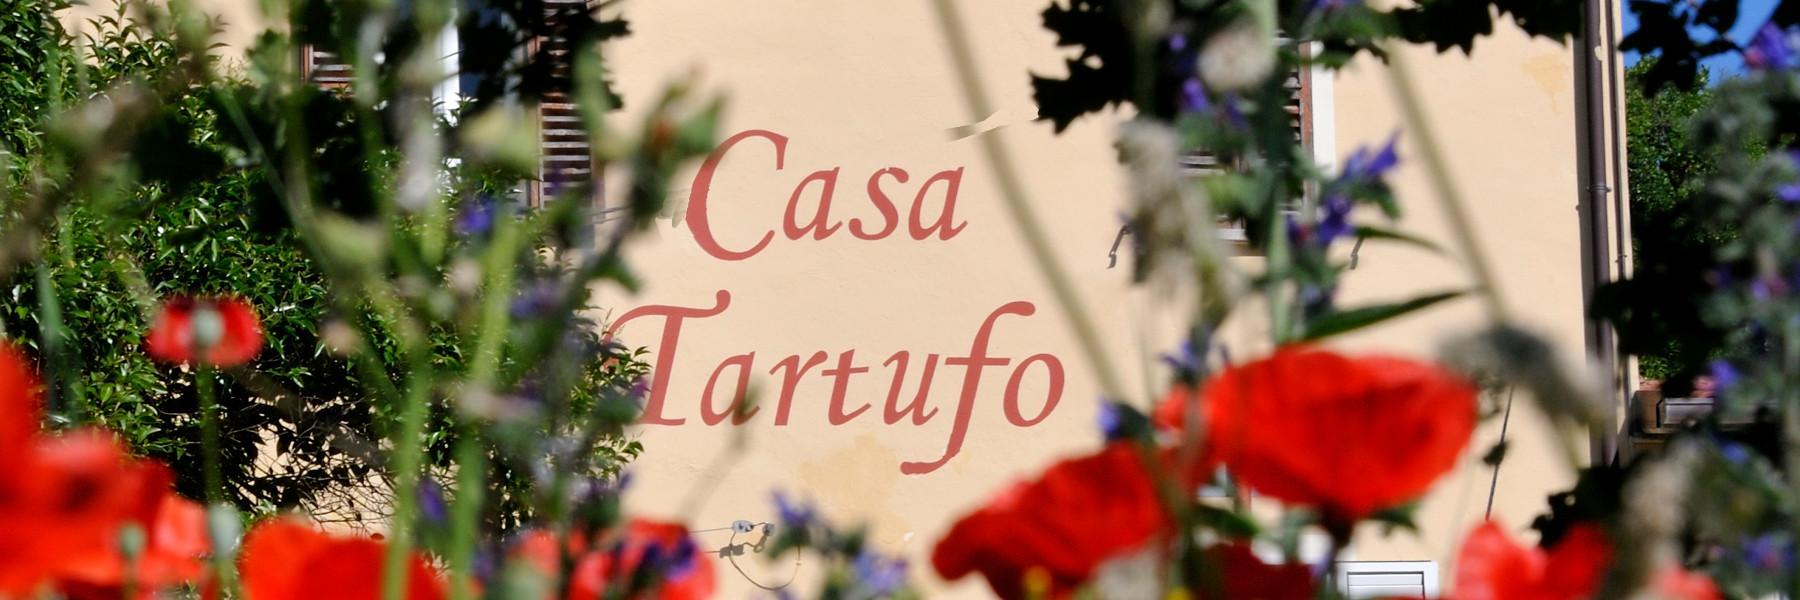 Casa Tartufo_header nieuws_ENG